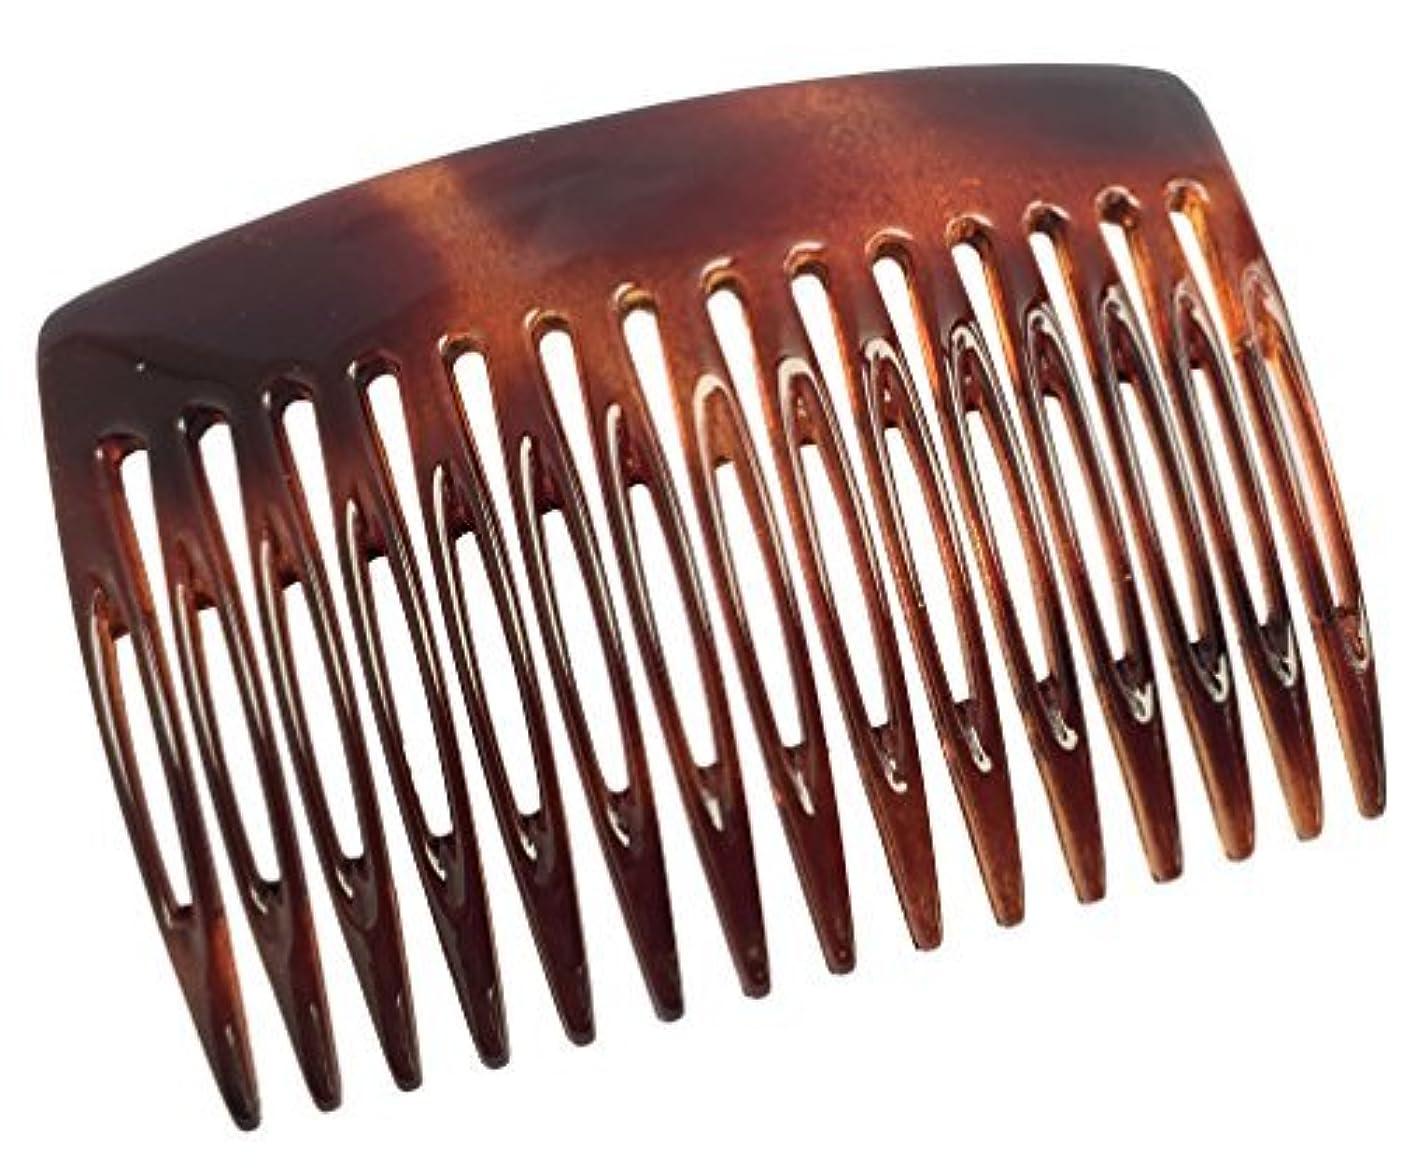 寄生虫盟主現実Parcelona French Nice N Simple 2 Pieces Cellulose Tortoise Shell 7 Cm Side Hair Comb Combs [並行輸入品]